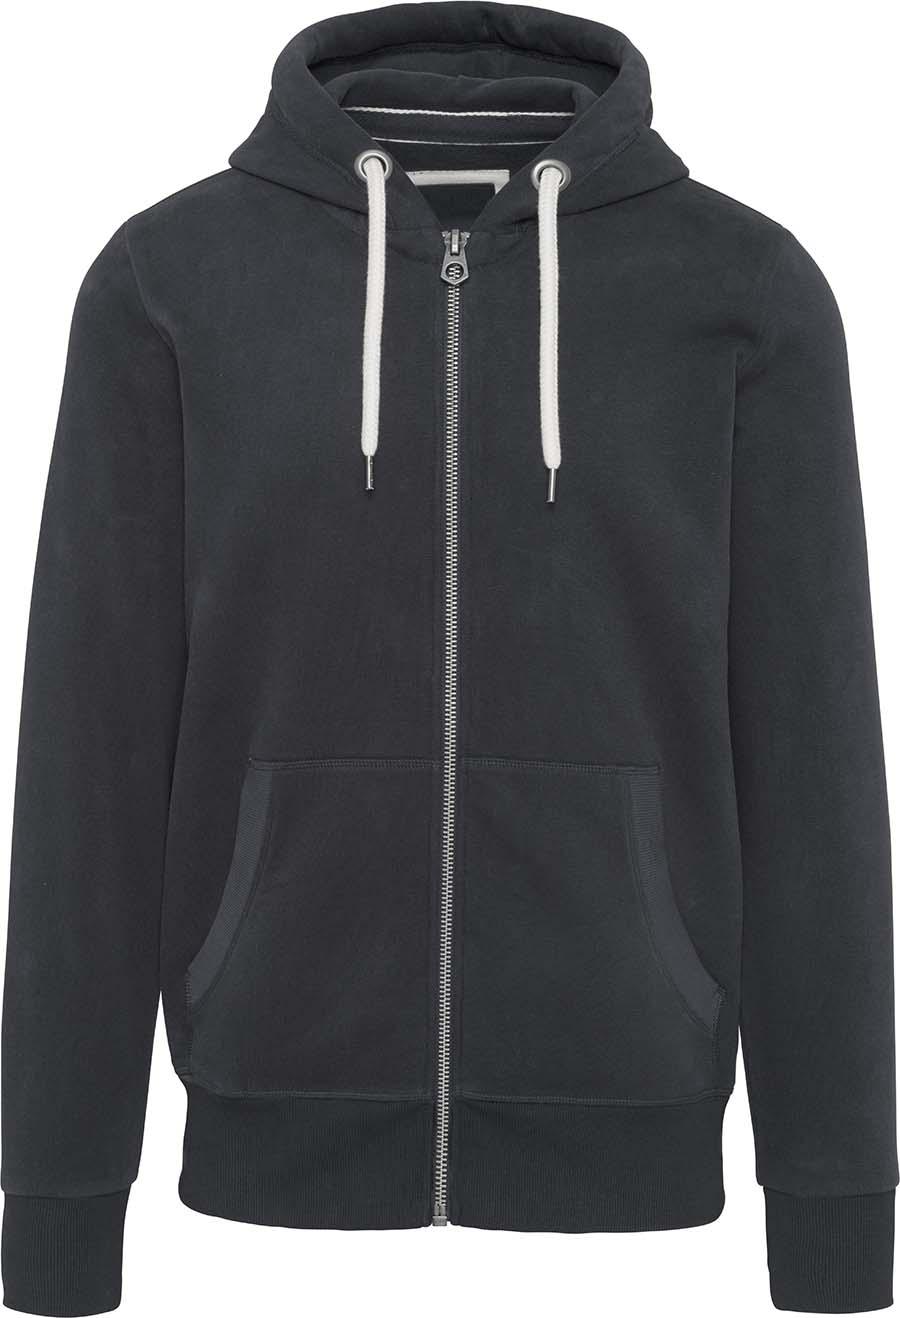 Sweat-shirt vintage zippé à capuche homme - 2-1530-9